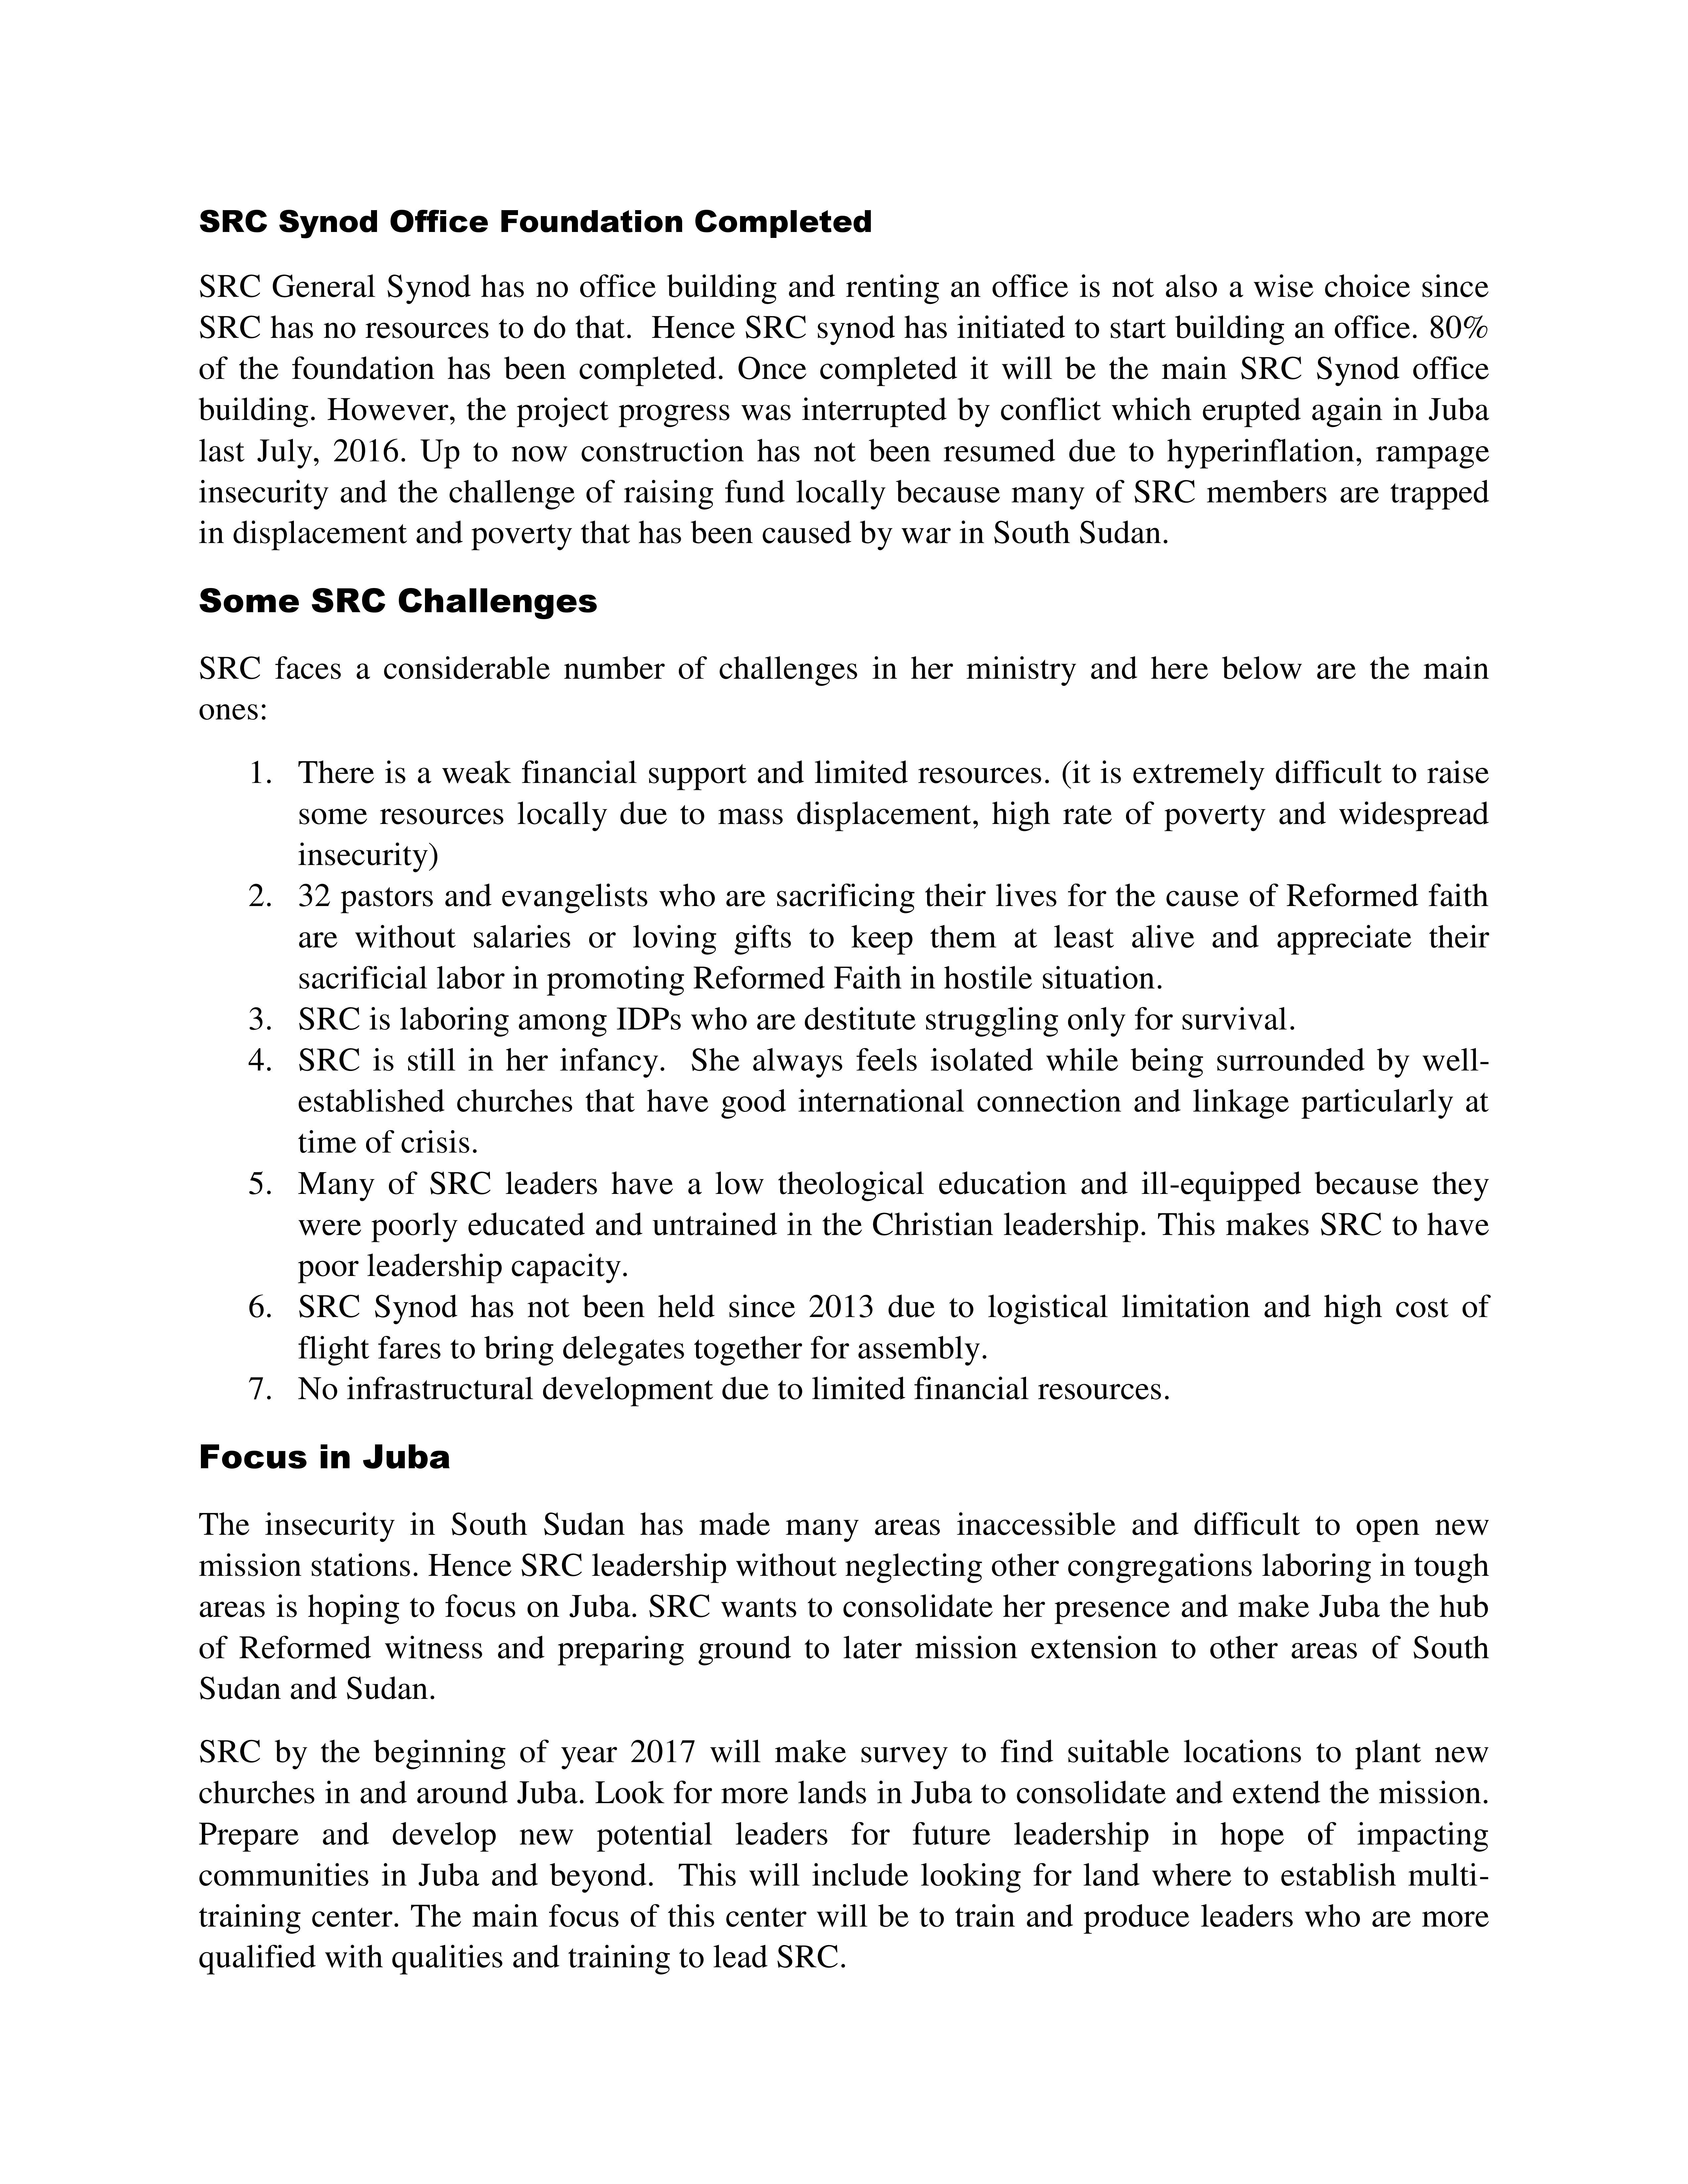 SRC '16 Page5